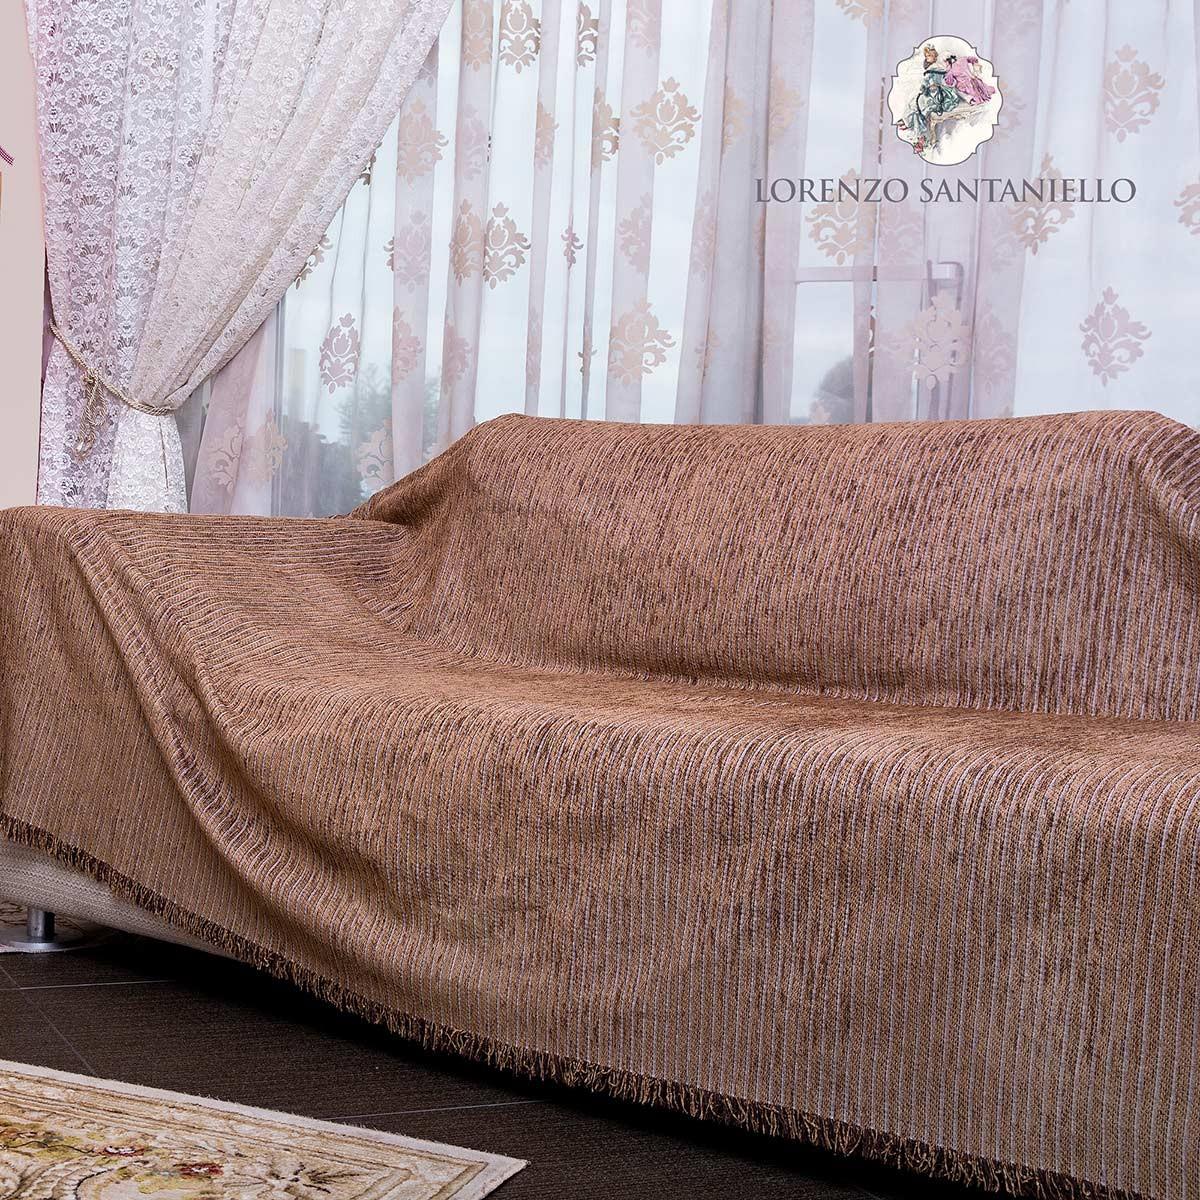 Ριχτάρι Πολυθρόνας (180x180) Lorenzo Santaniello Kotle Brown